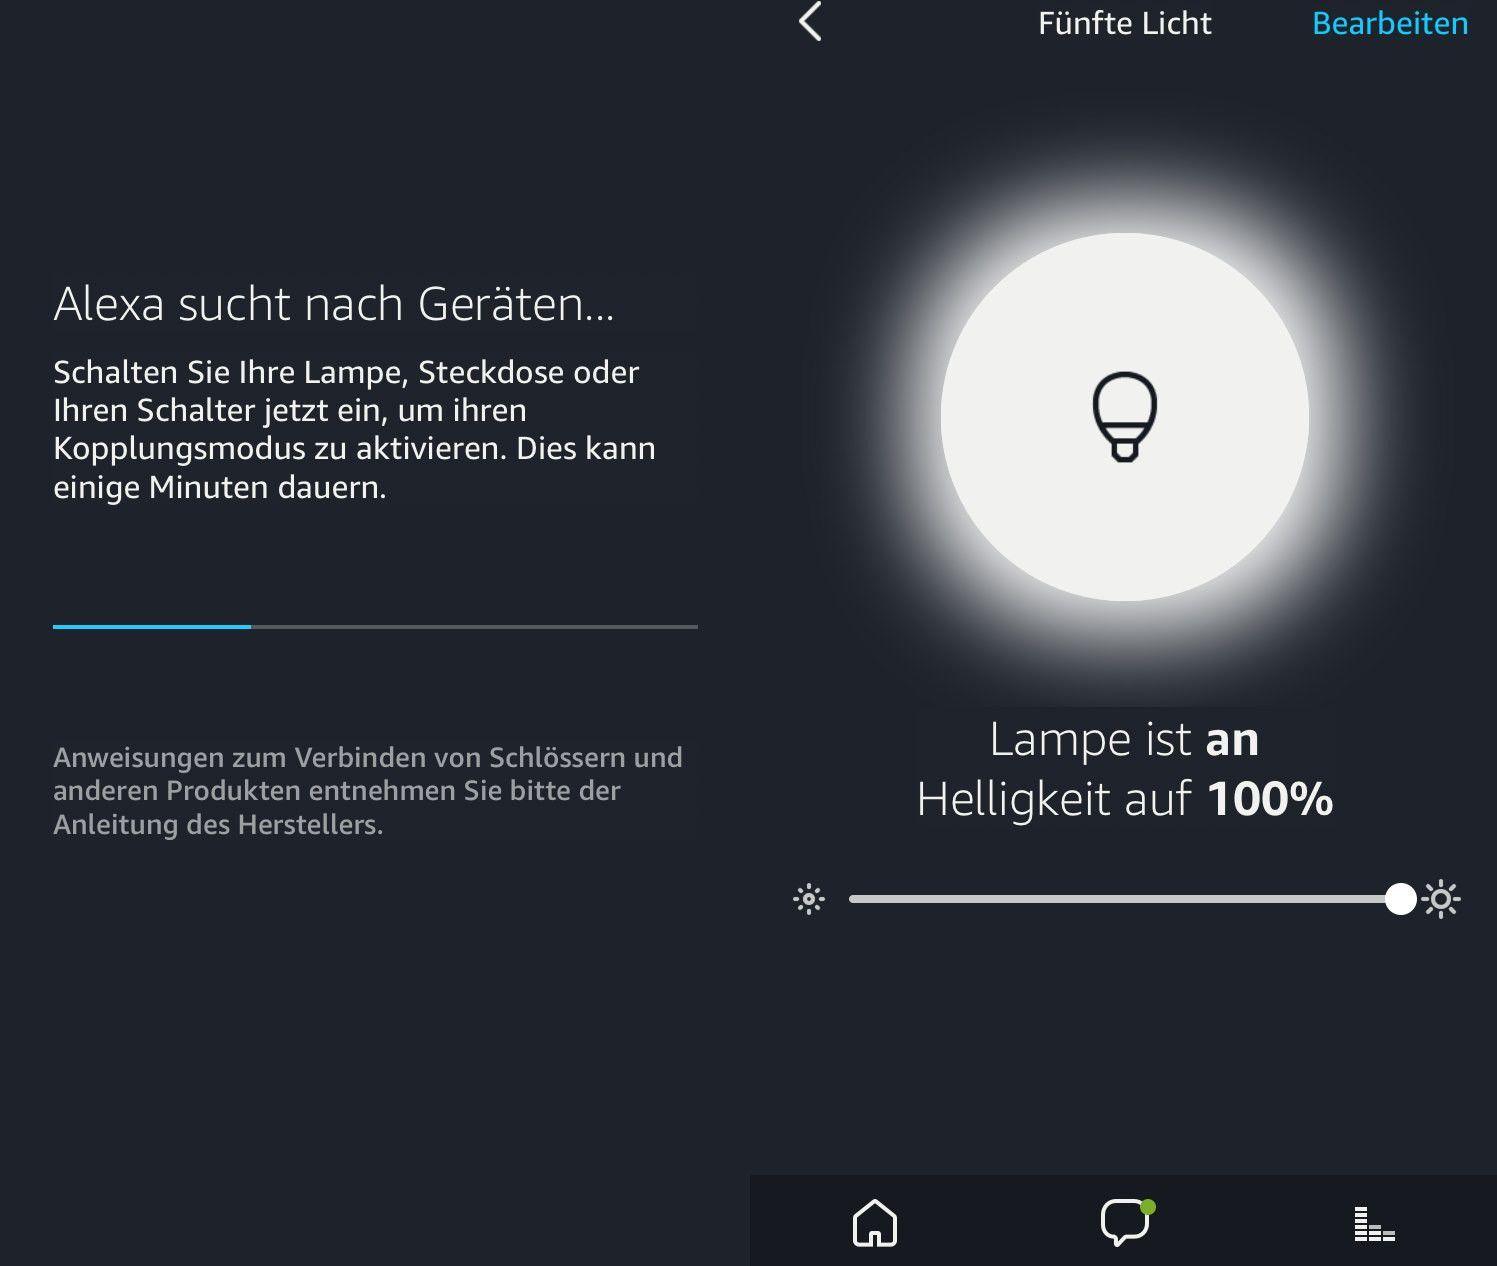 Beste Zwei Wege Schalter Licht Galerie - Die Besten Elektrischen ...